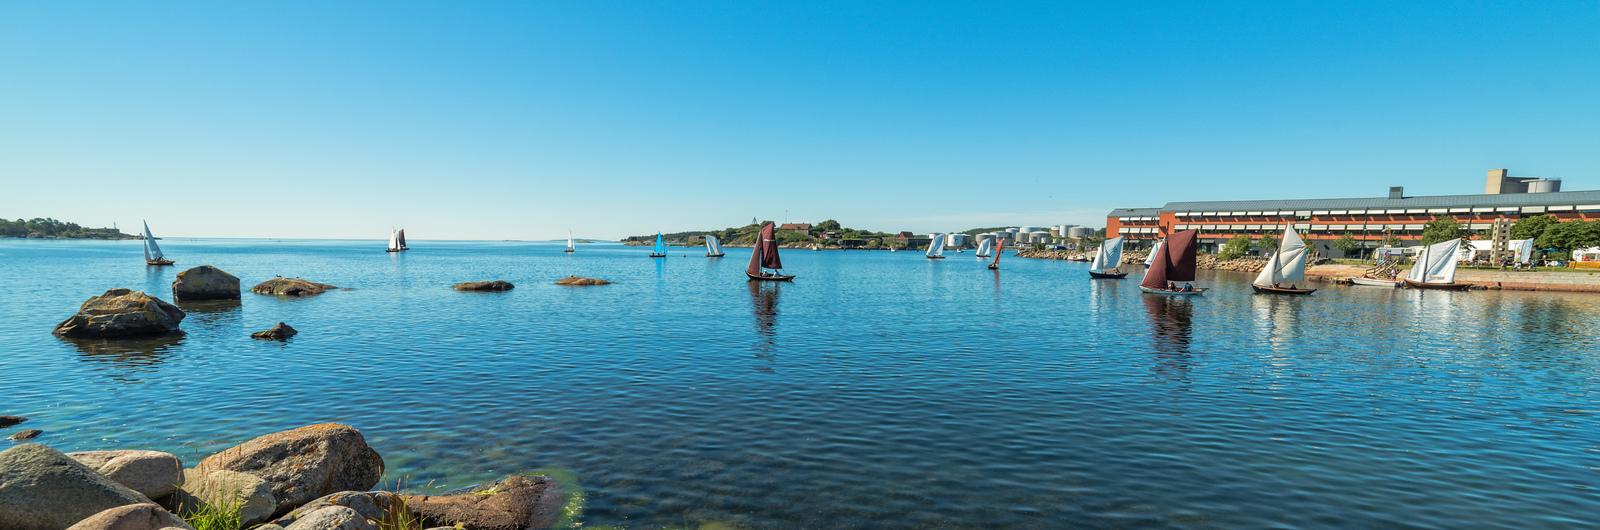 karlshamn city header 1